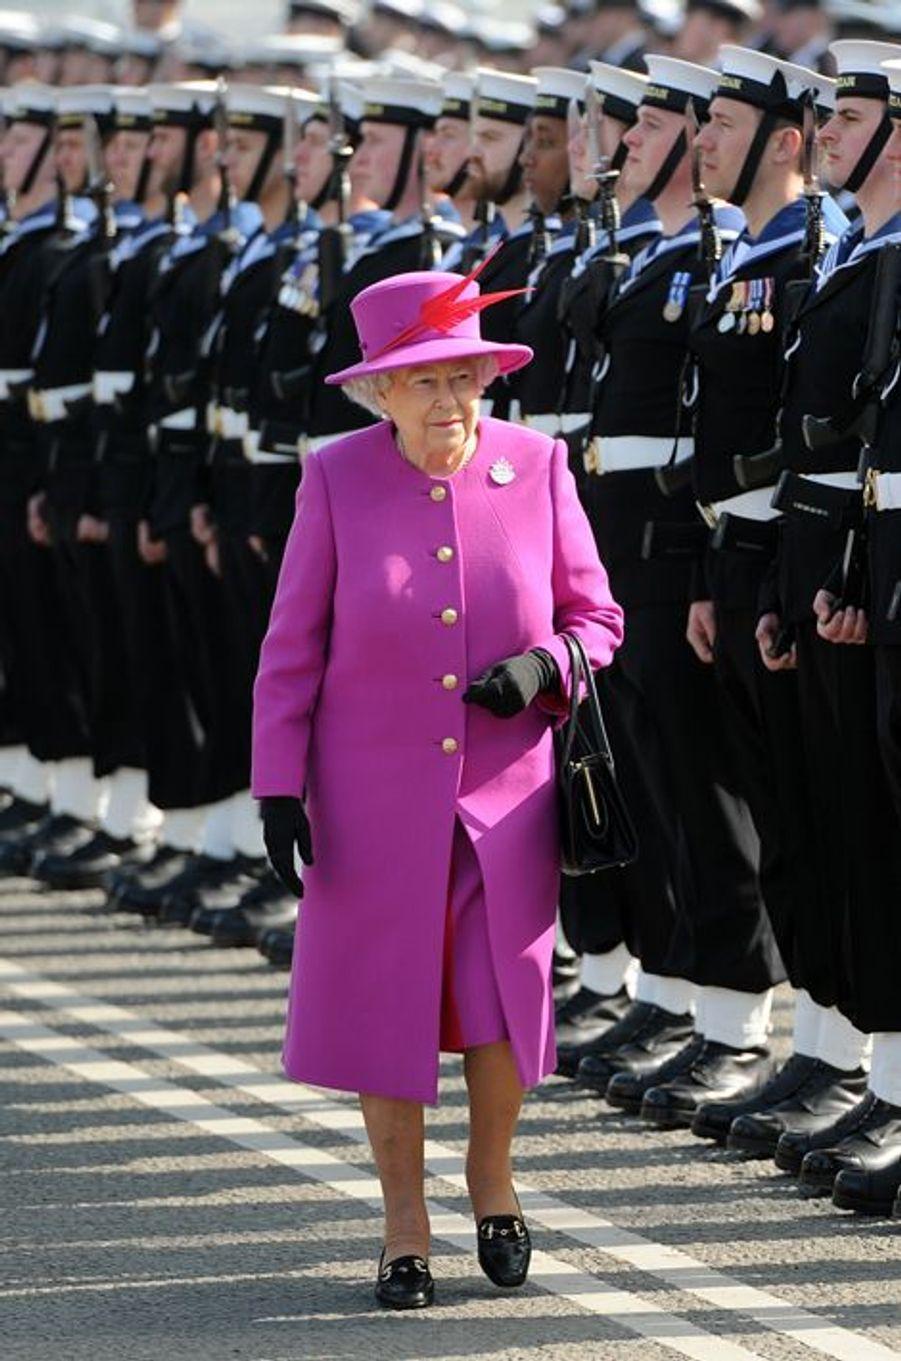 La reine Elizabeth II lors de la cérémonie militaire de ré-inauguration du HMS Ocean à Plymouth, le 20 mars 2015